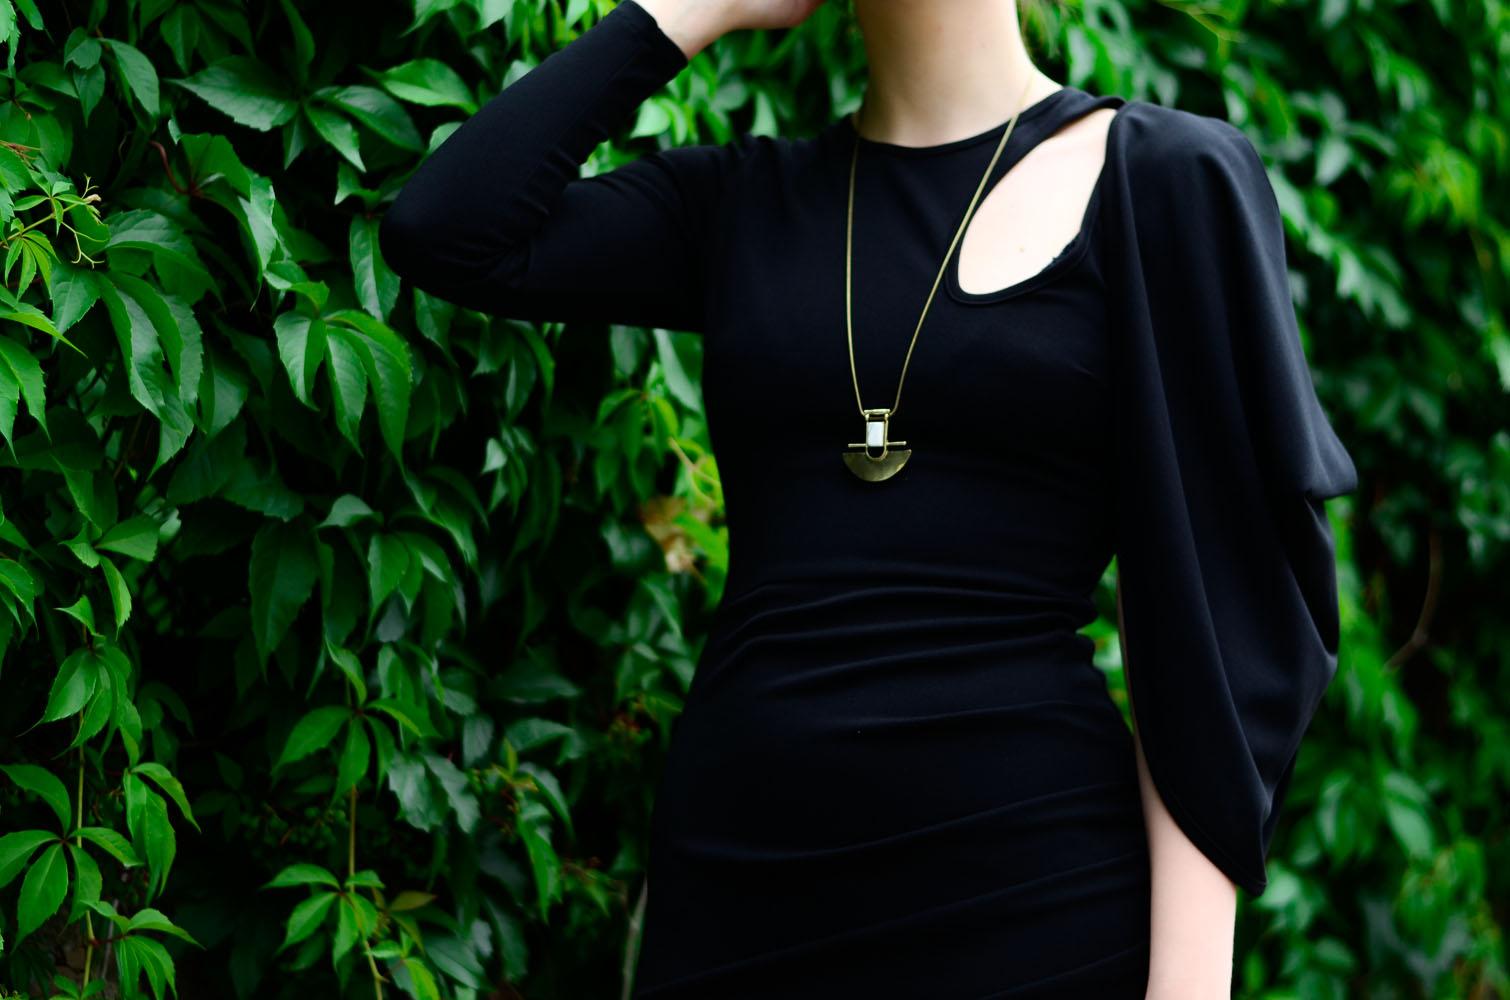 sukienka wesele studniówka mini mała czarna sylwester blog